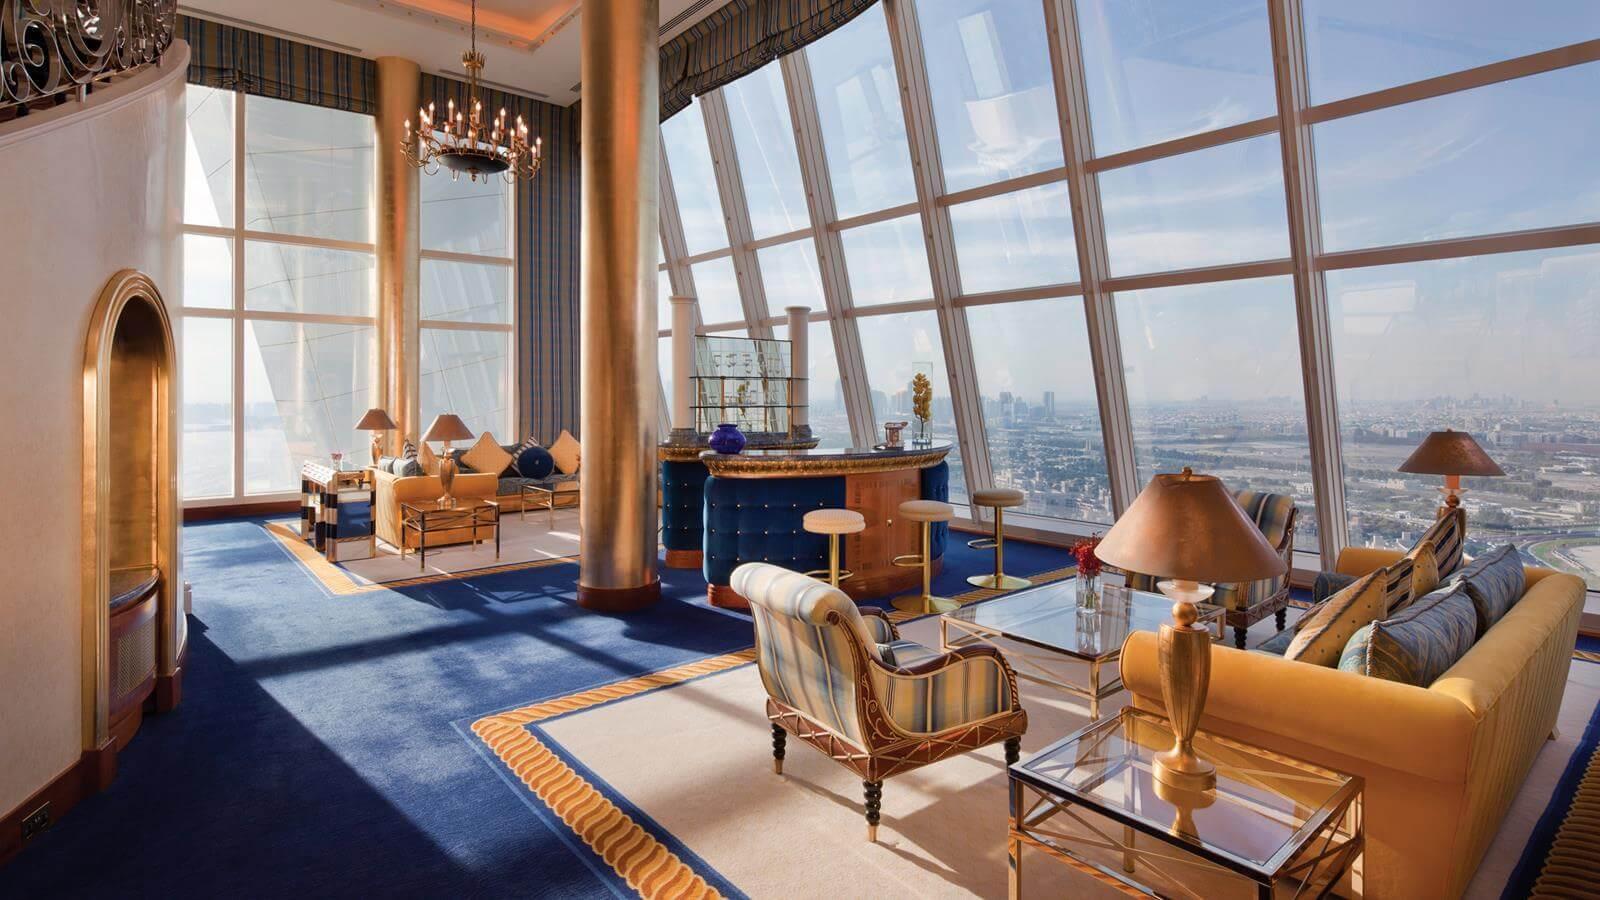 Фото Burj Al Arab - лучшего, по мнению многих, отеля в Дубае